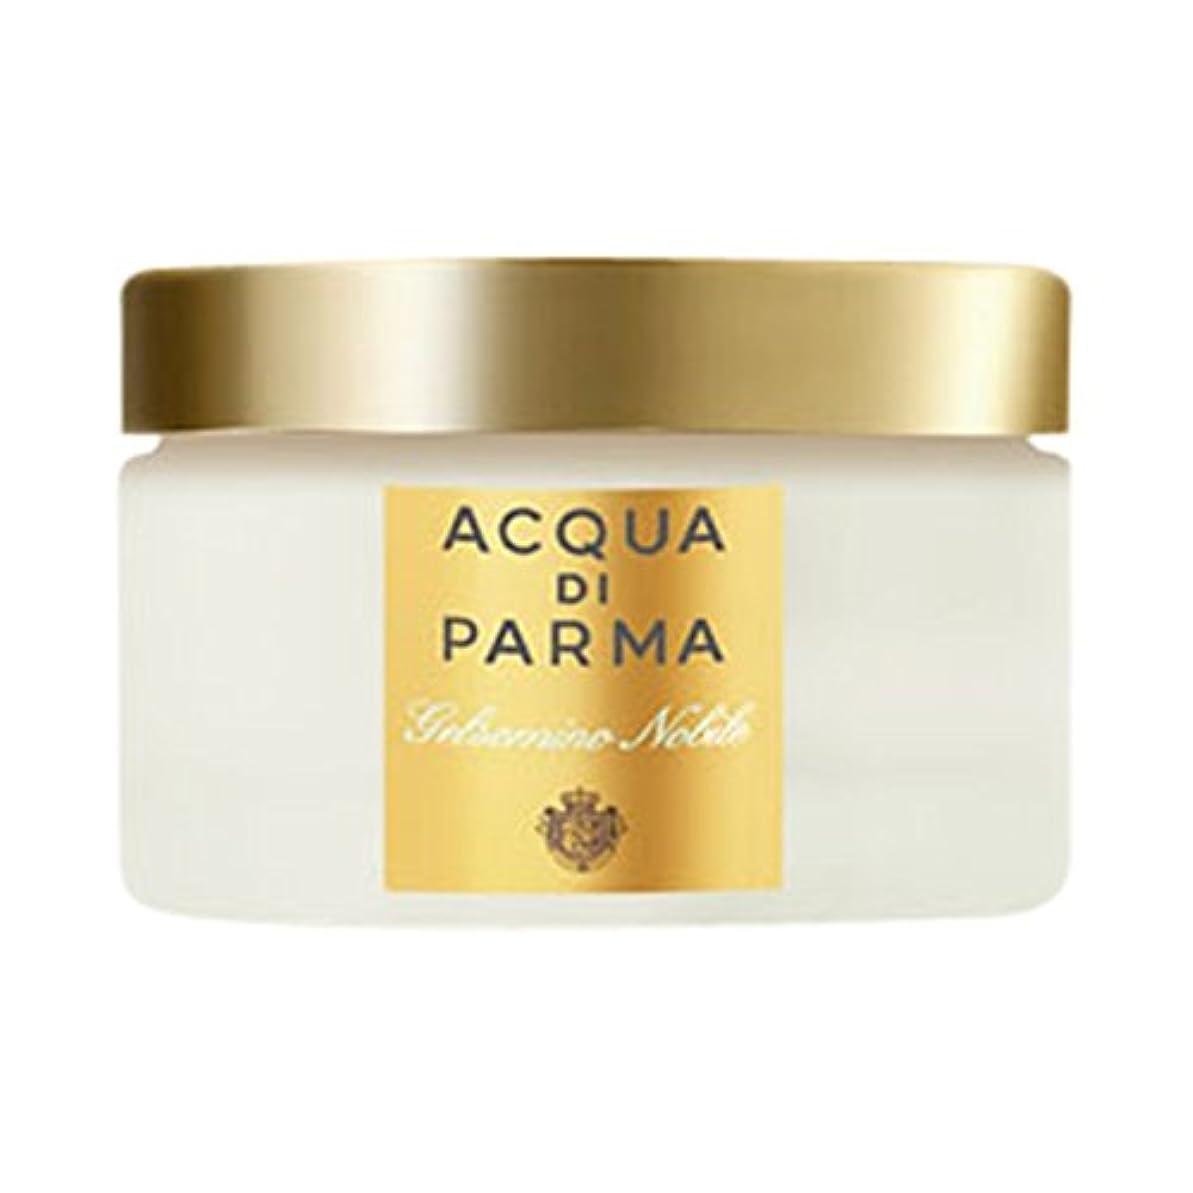 経度ソフトウェアしないでくださいアクア?ディ?パルマGelsominoノビルボディクリーム150ミリリットル (Acqua di Parma) - Acqua di Parma Gelsomino Nobile Body Cream 150ml [並行輸入品]